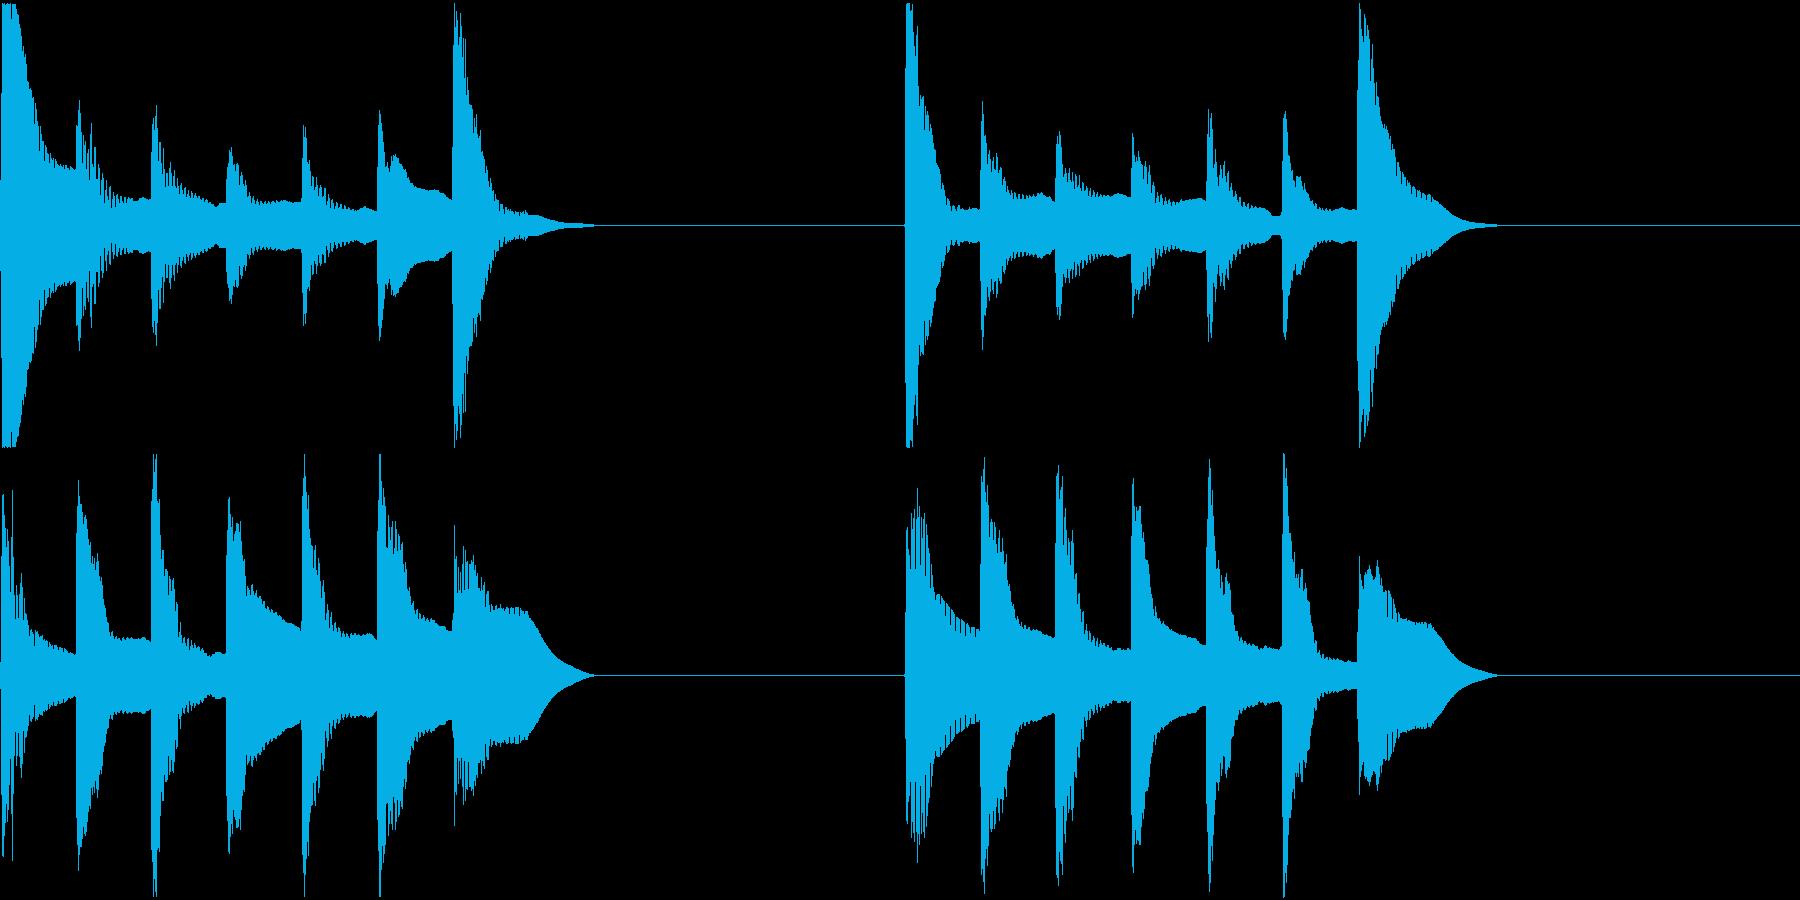 着信音 ループ お知らせ 通知 5の再生済みの波形